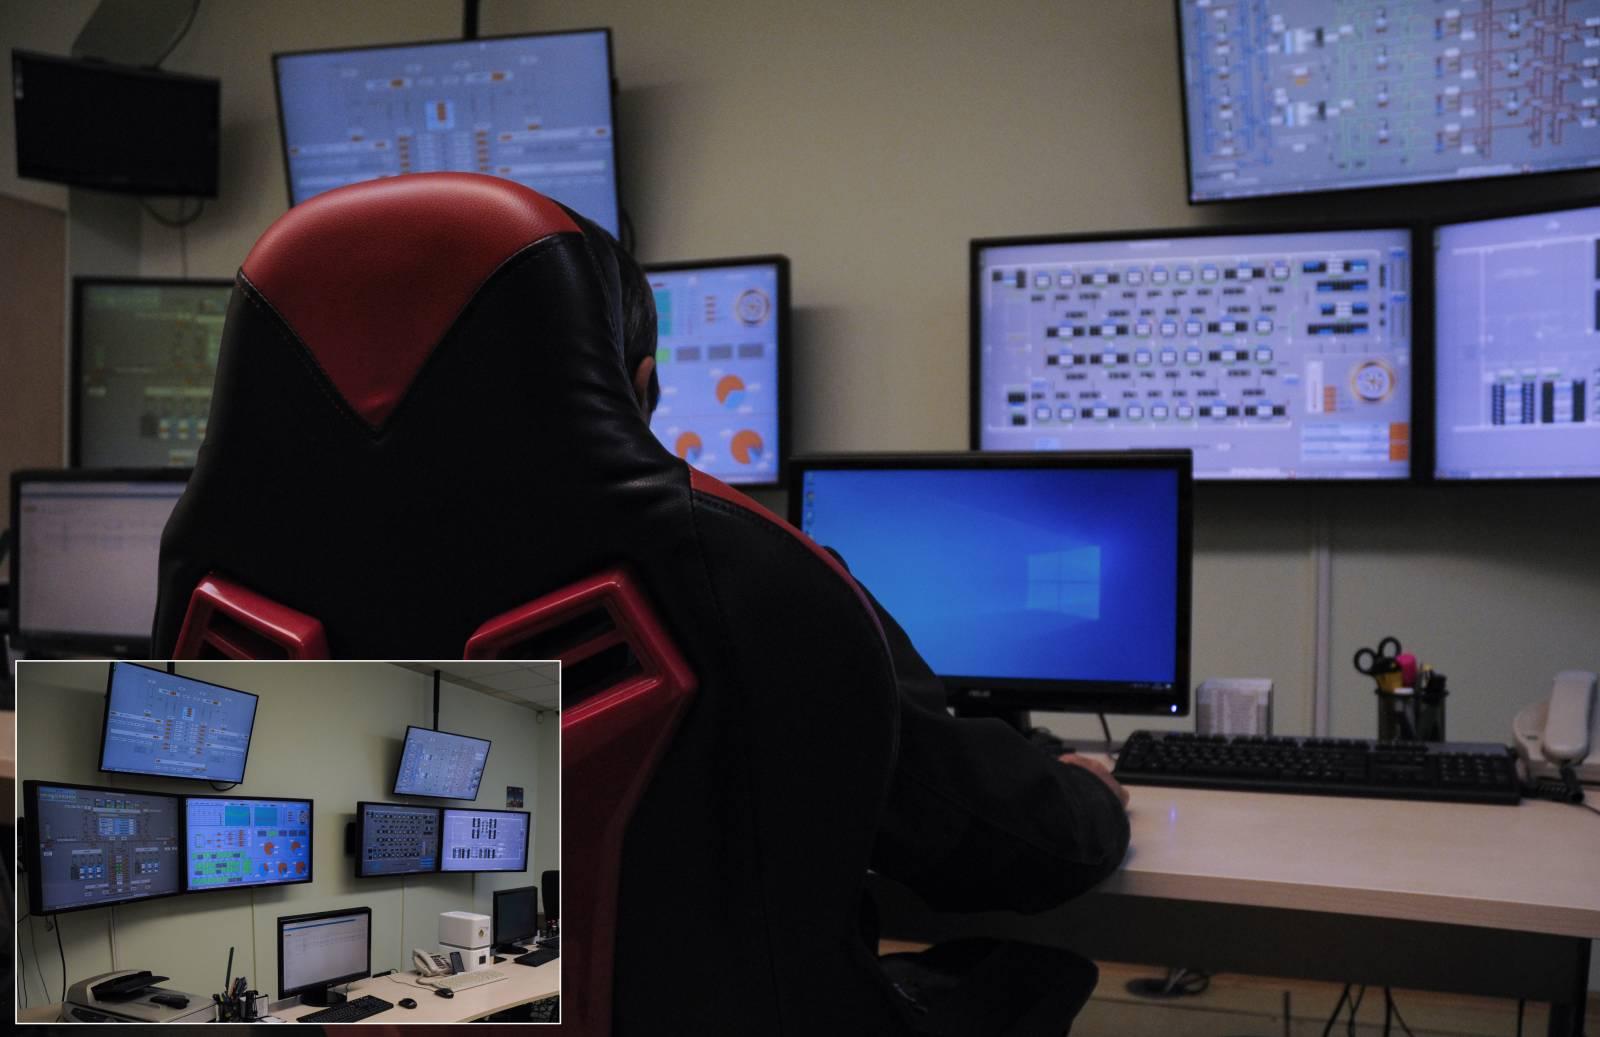 Диспетчерська СЕ що працює 24/7. Контролюється понад 29000 змінних